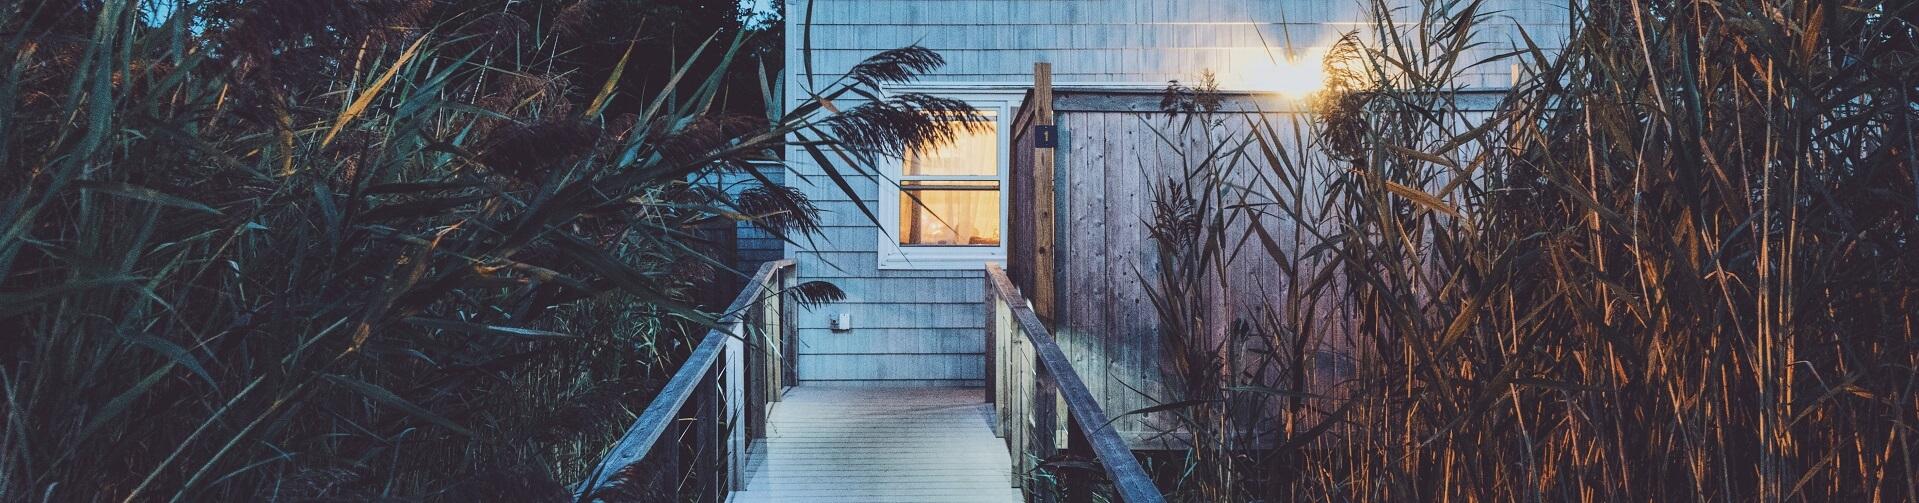 Bambuseinrichtung - gemütlich und natürlich wohnen